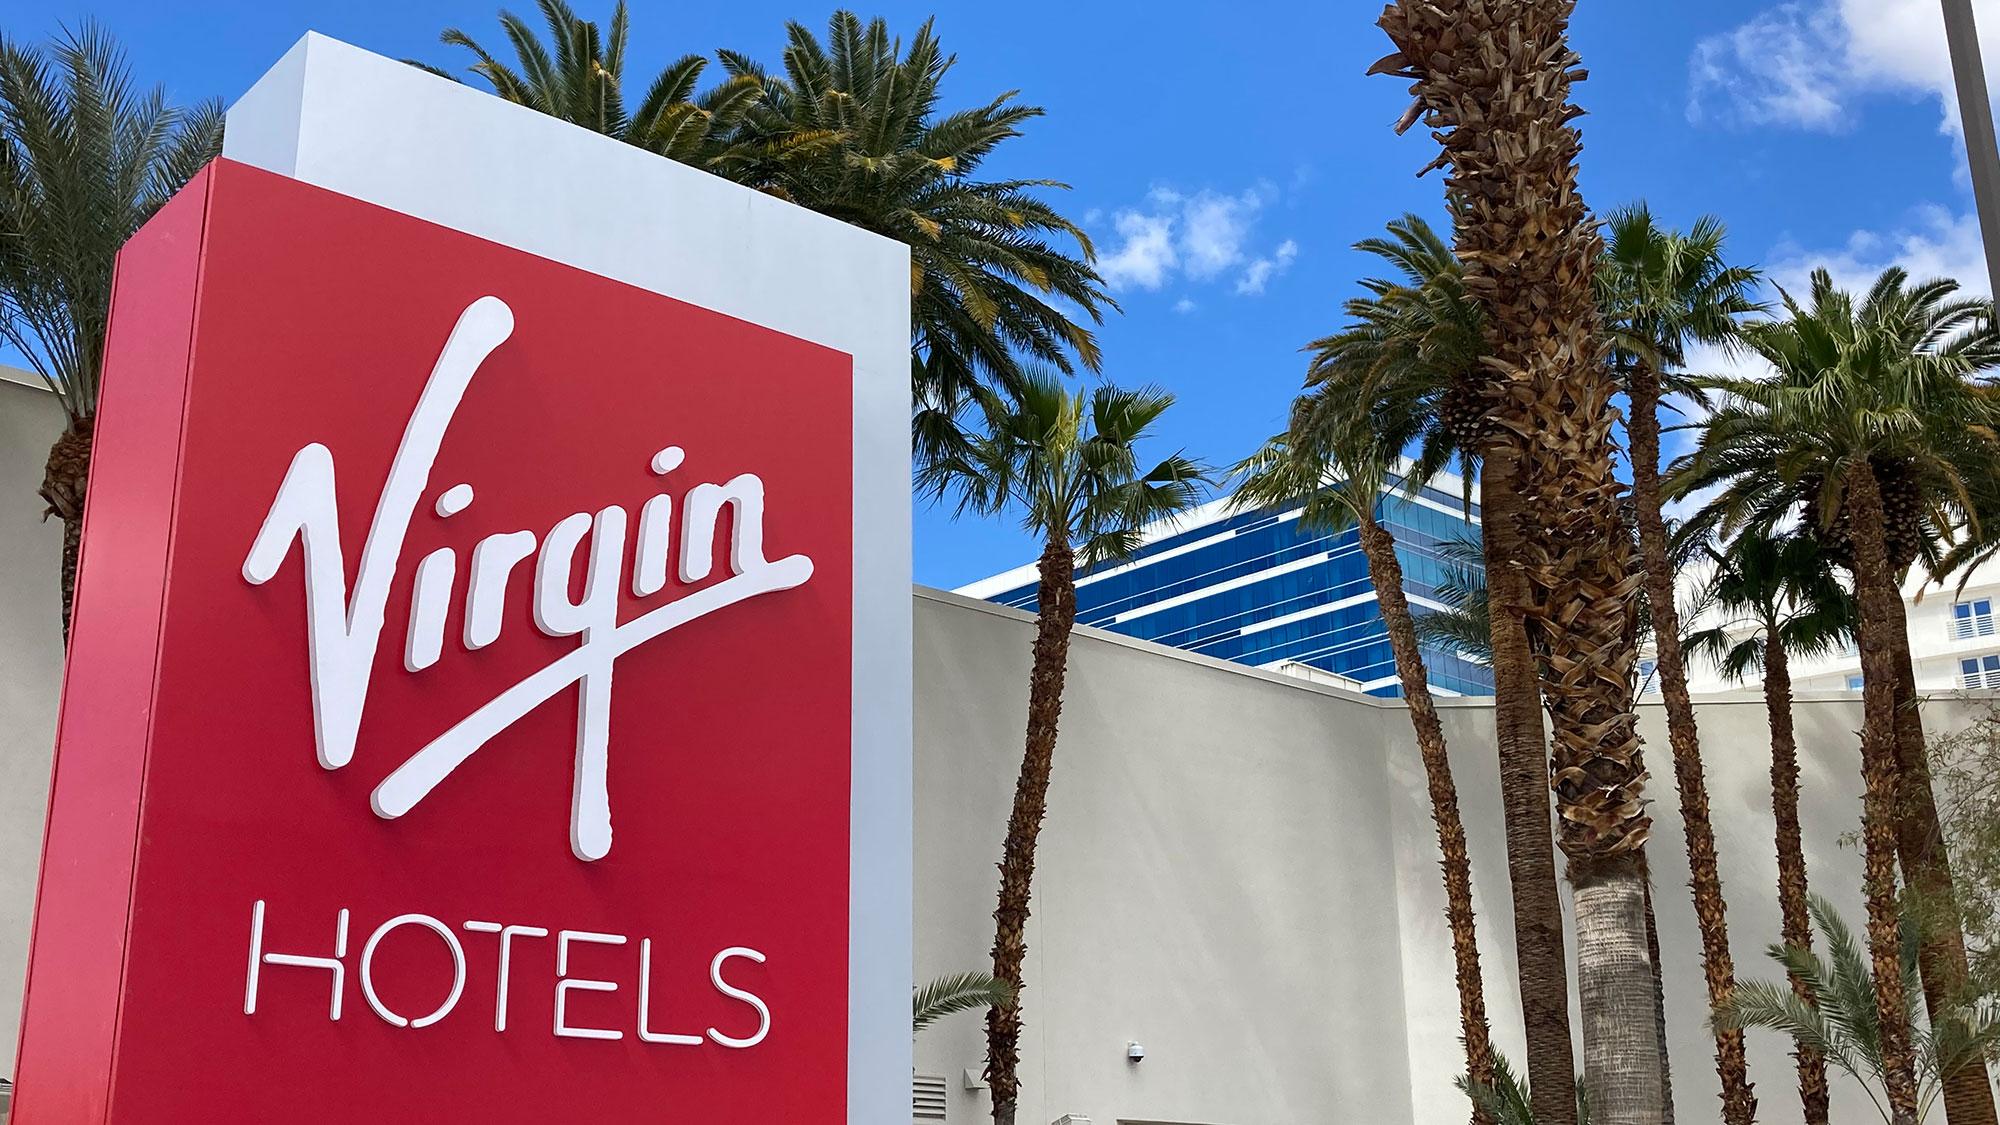 First Look: Virgin Hotels Las Vegas brings desert cool to Sin City